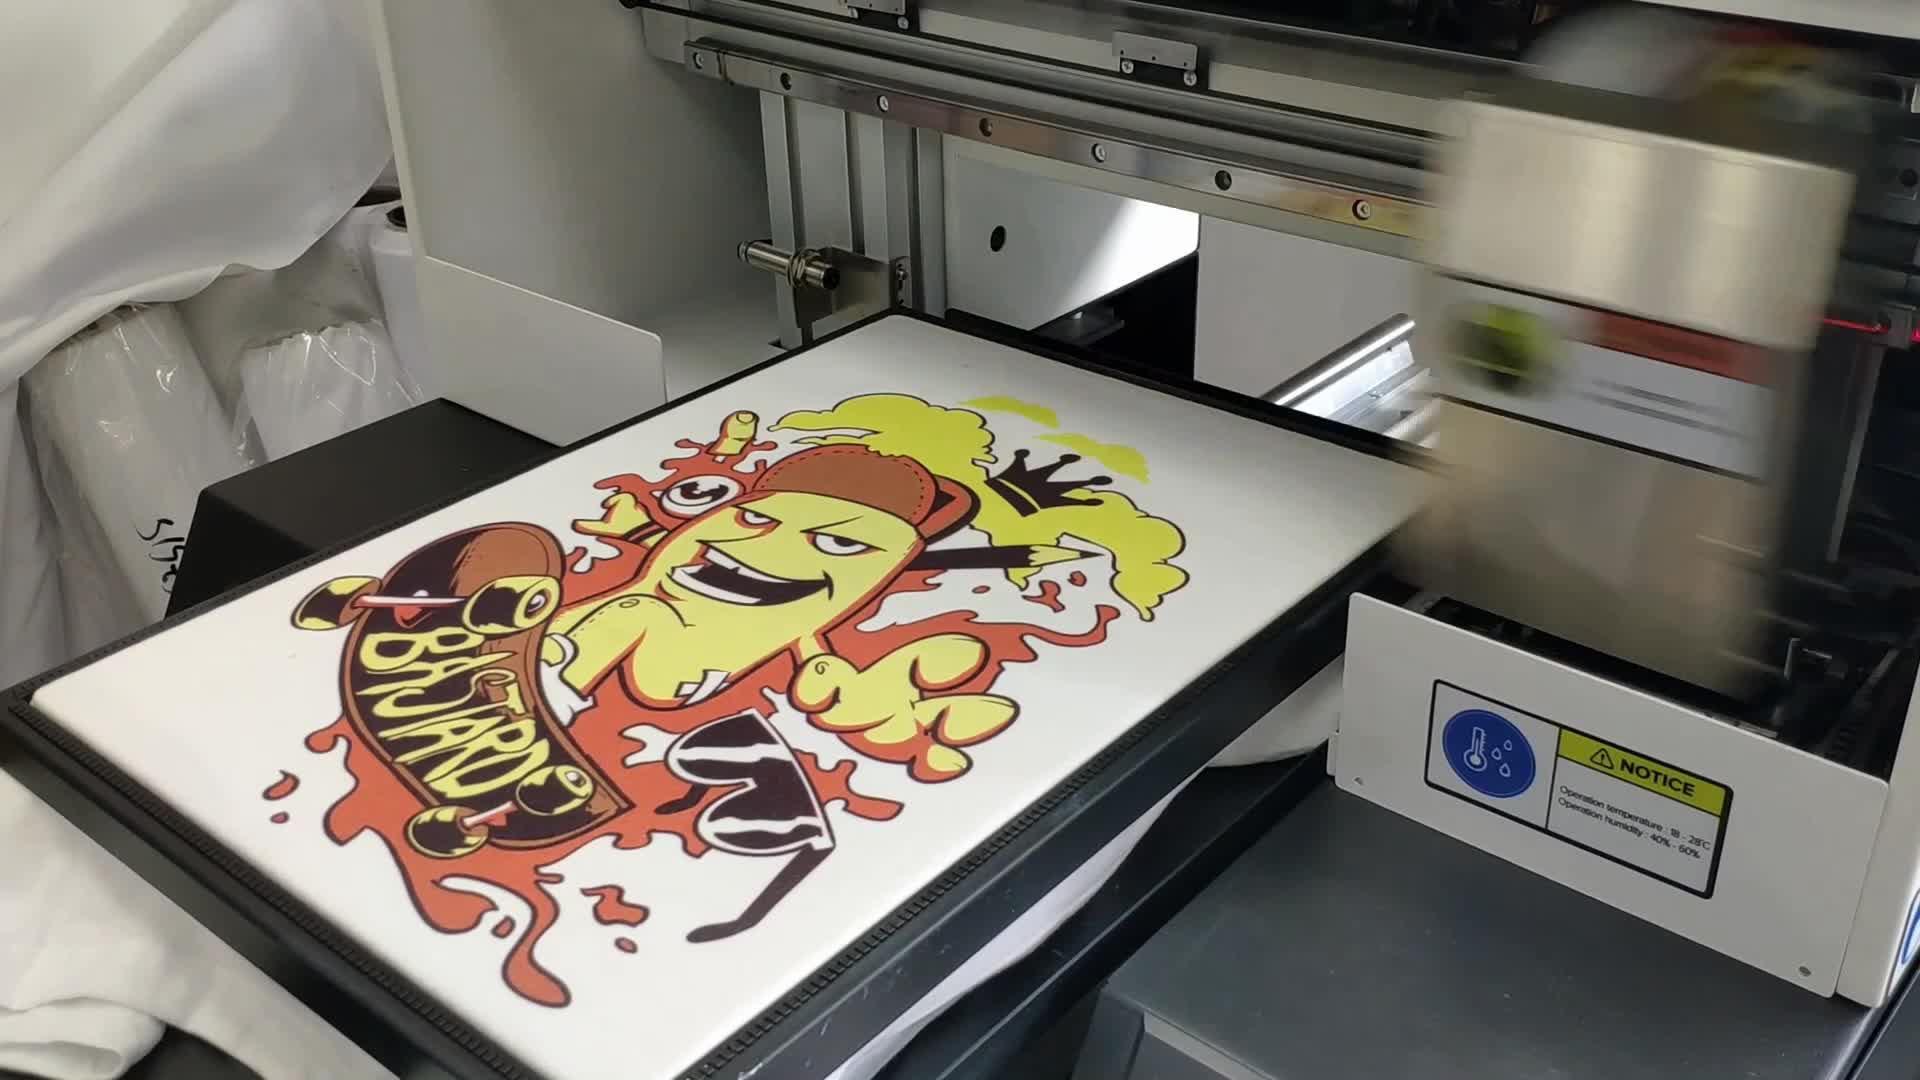 En çok satan ürünler nasıl baskı t-shirt makinesi dtg yazıcı sanayi TP-300C